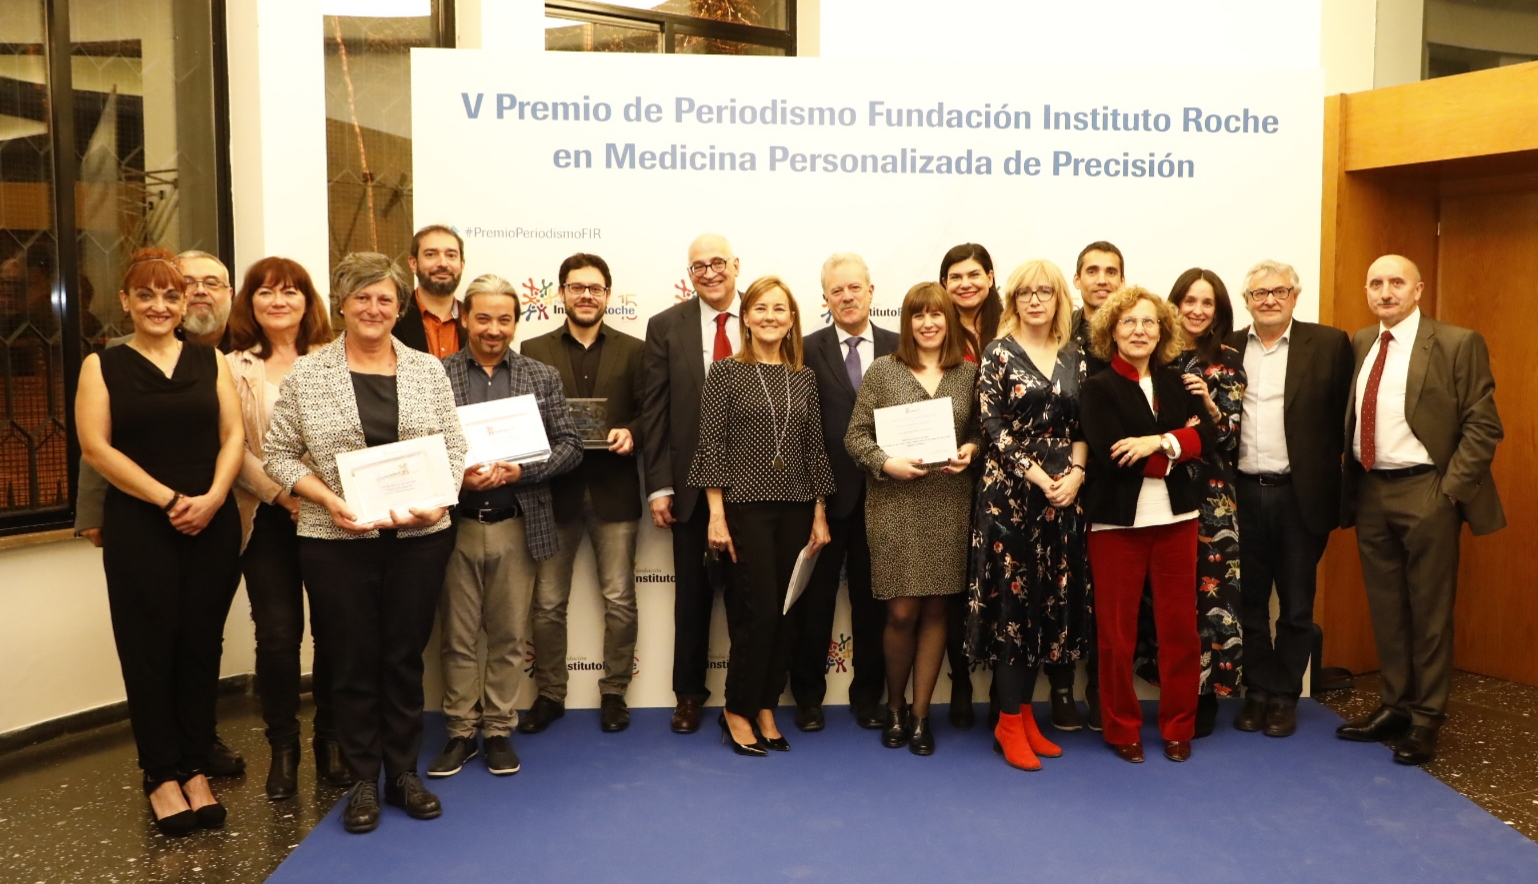 V edición del Premio de Periodismo de la Fundación Instituto Roche